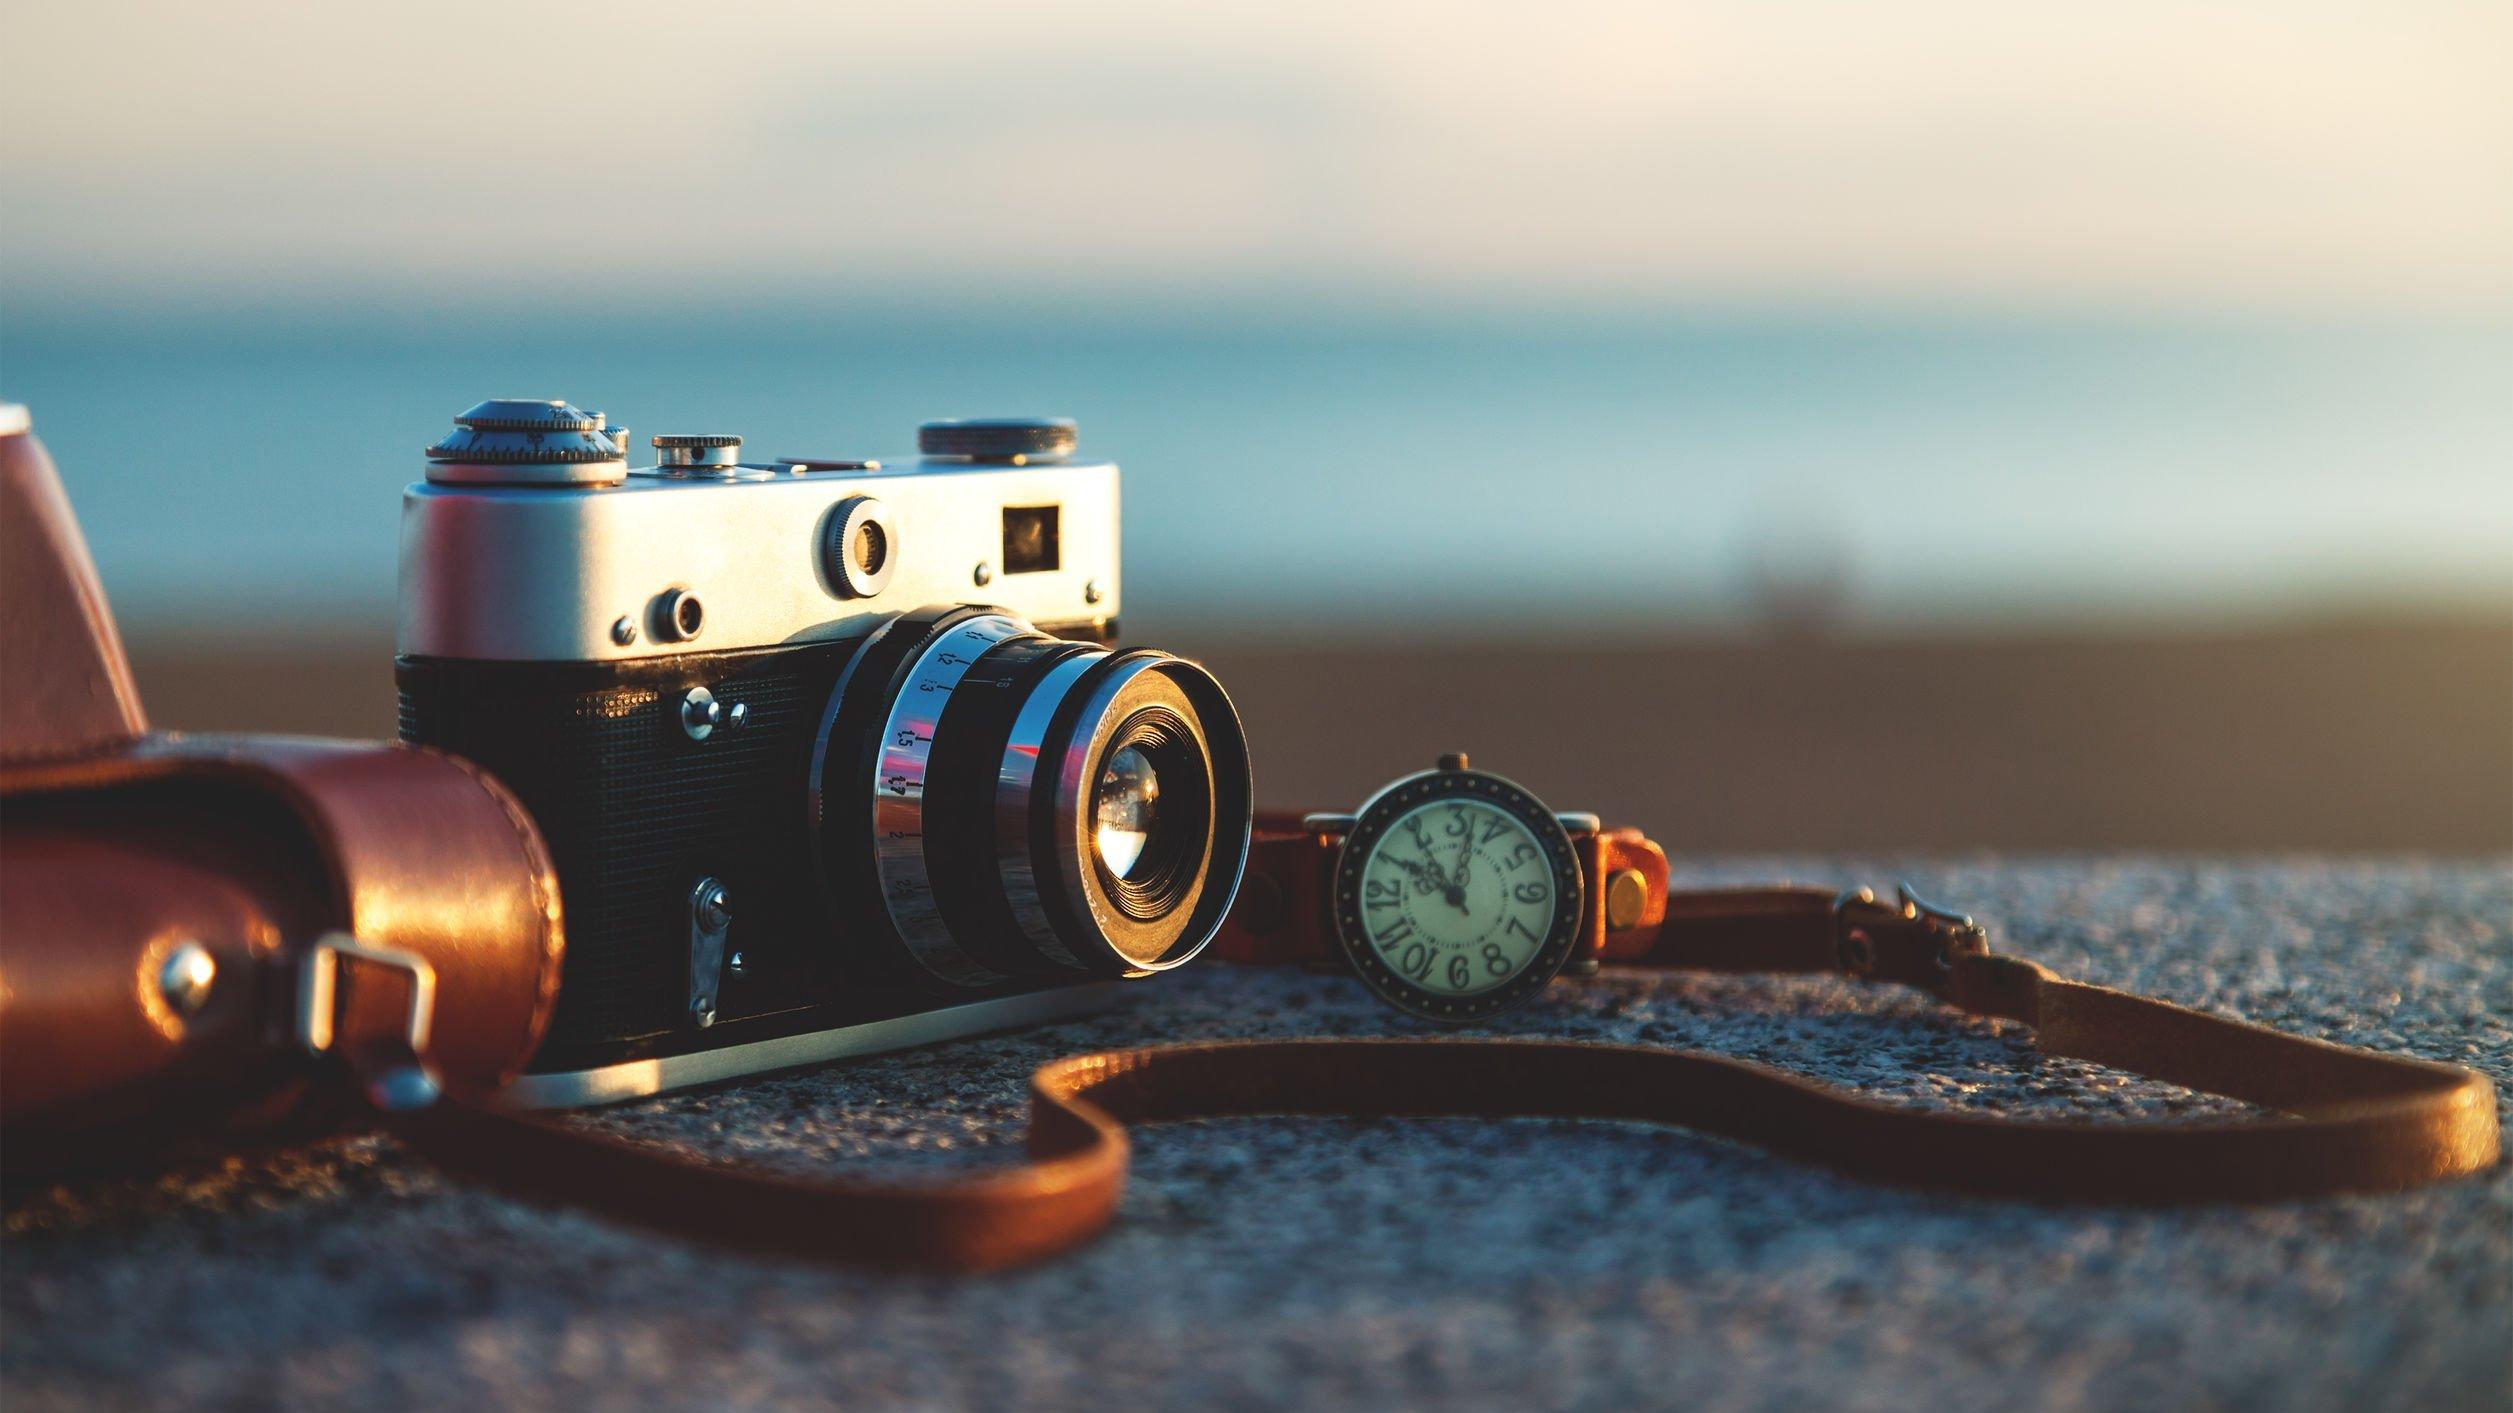 Câmera ao lado de relógio sobre superfície sólida